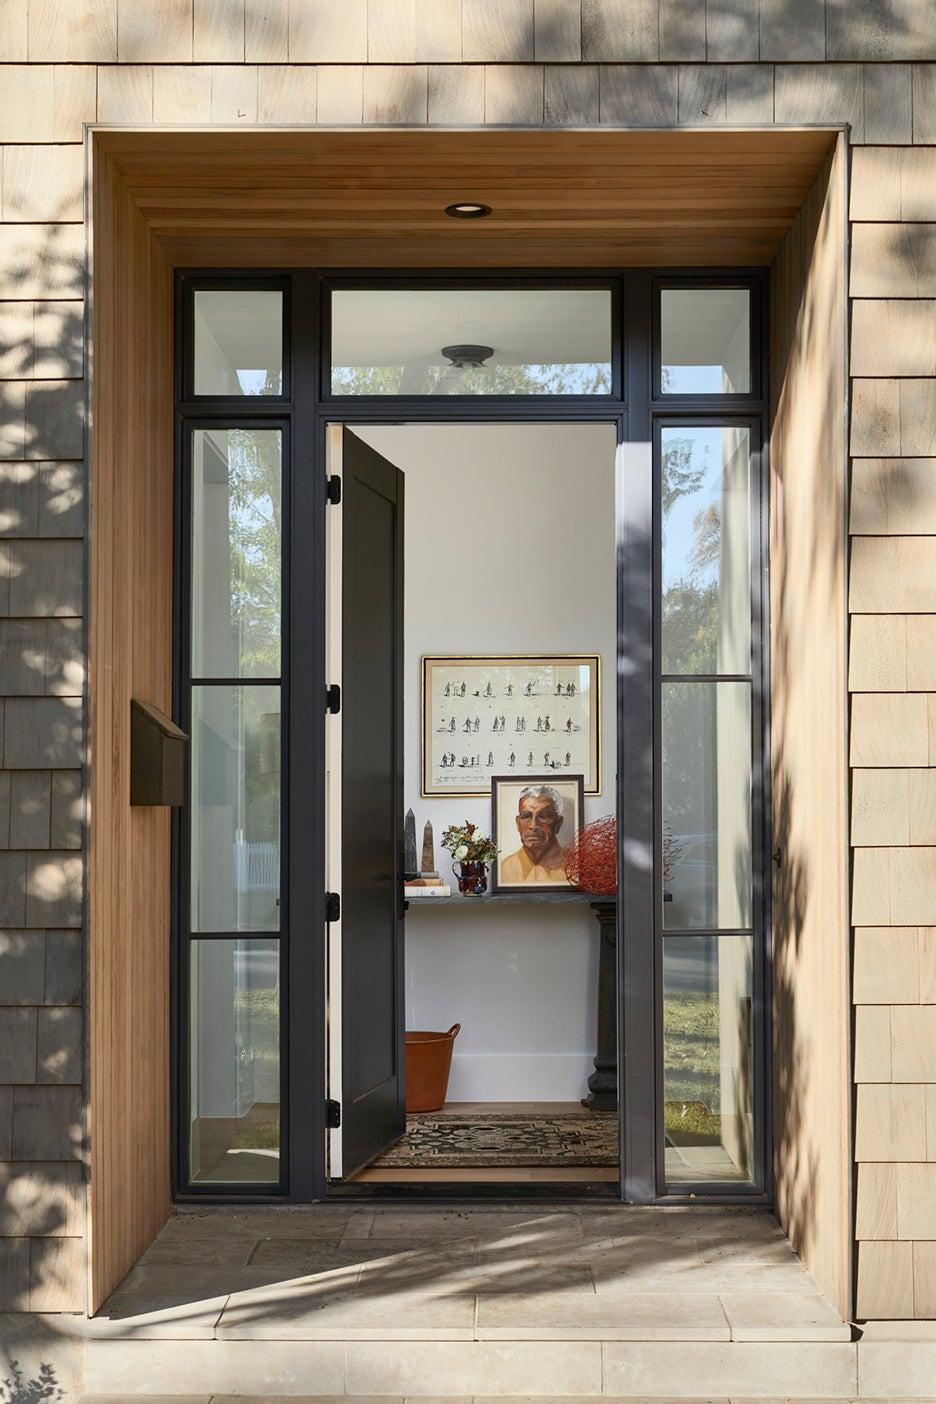 glass front door opened up